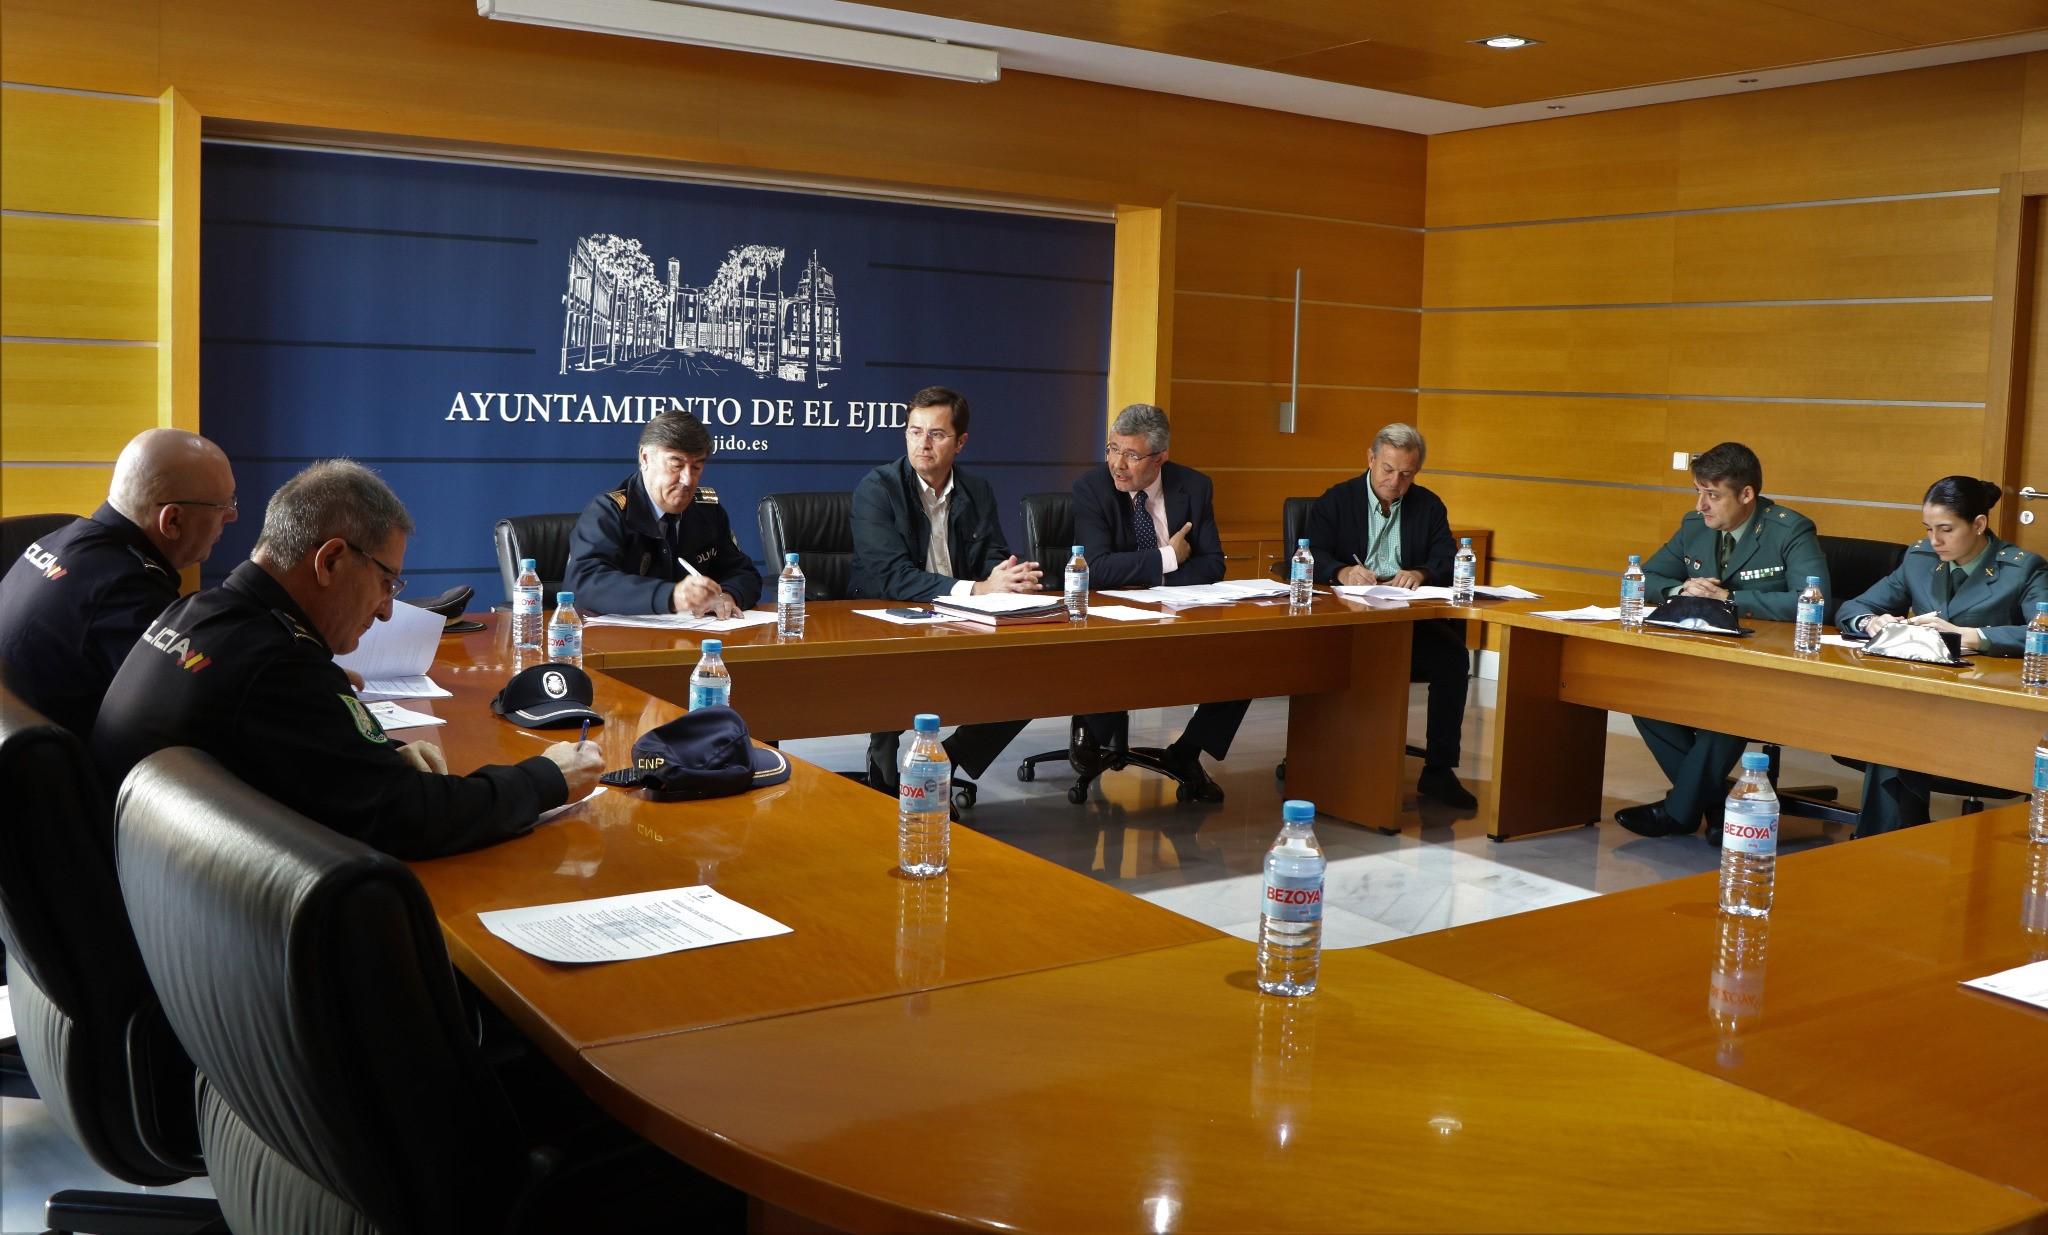 La Junta Local de Seguridad se reúne para establecer el dispositivo especial de vigilancia que se mantendrá activo durante las elecciones generales del próximo domingo